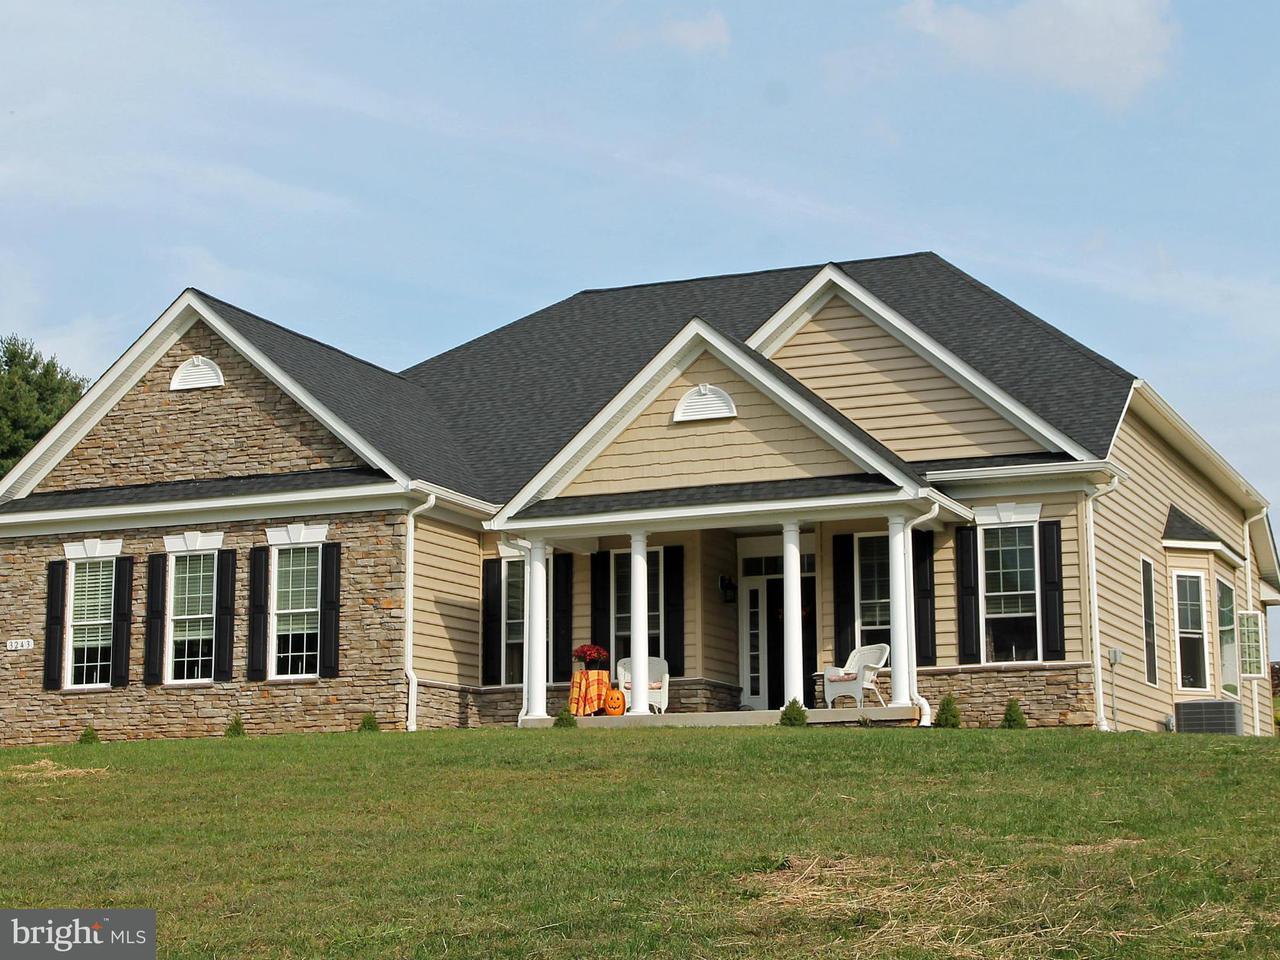 Μονοκατοικία για την Πώληση στο 1707S JARRETTSVILLE 1707S JARRETTSVILLE Jarrettsville, Μεριλαντ 21084 Ηνωμενεσ Πολιτειεσ